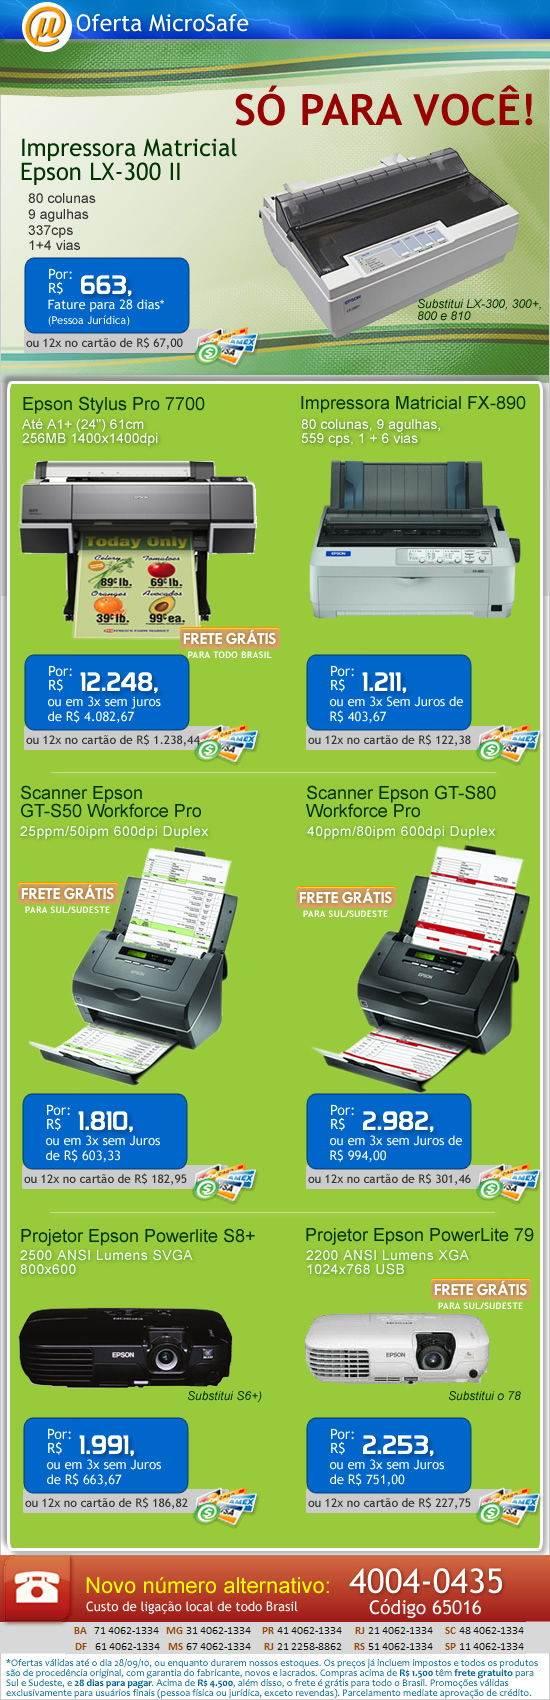 Impressora matricial Epson com preço especial!